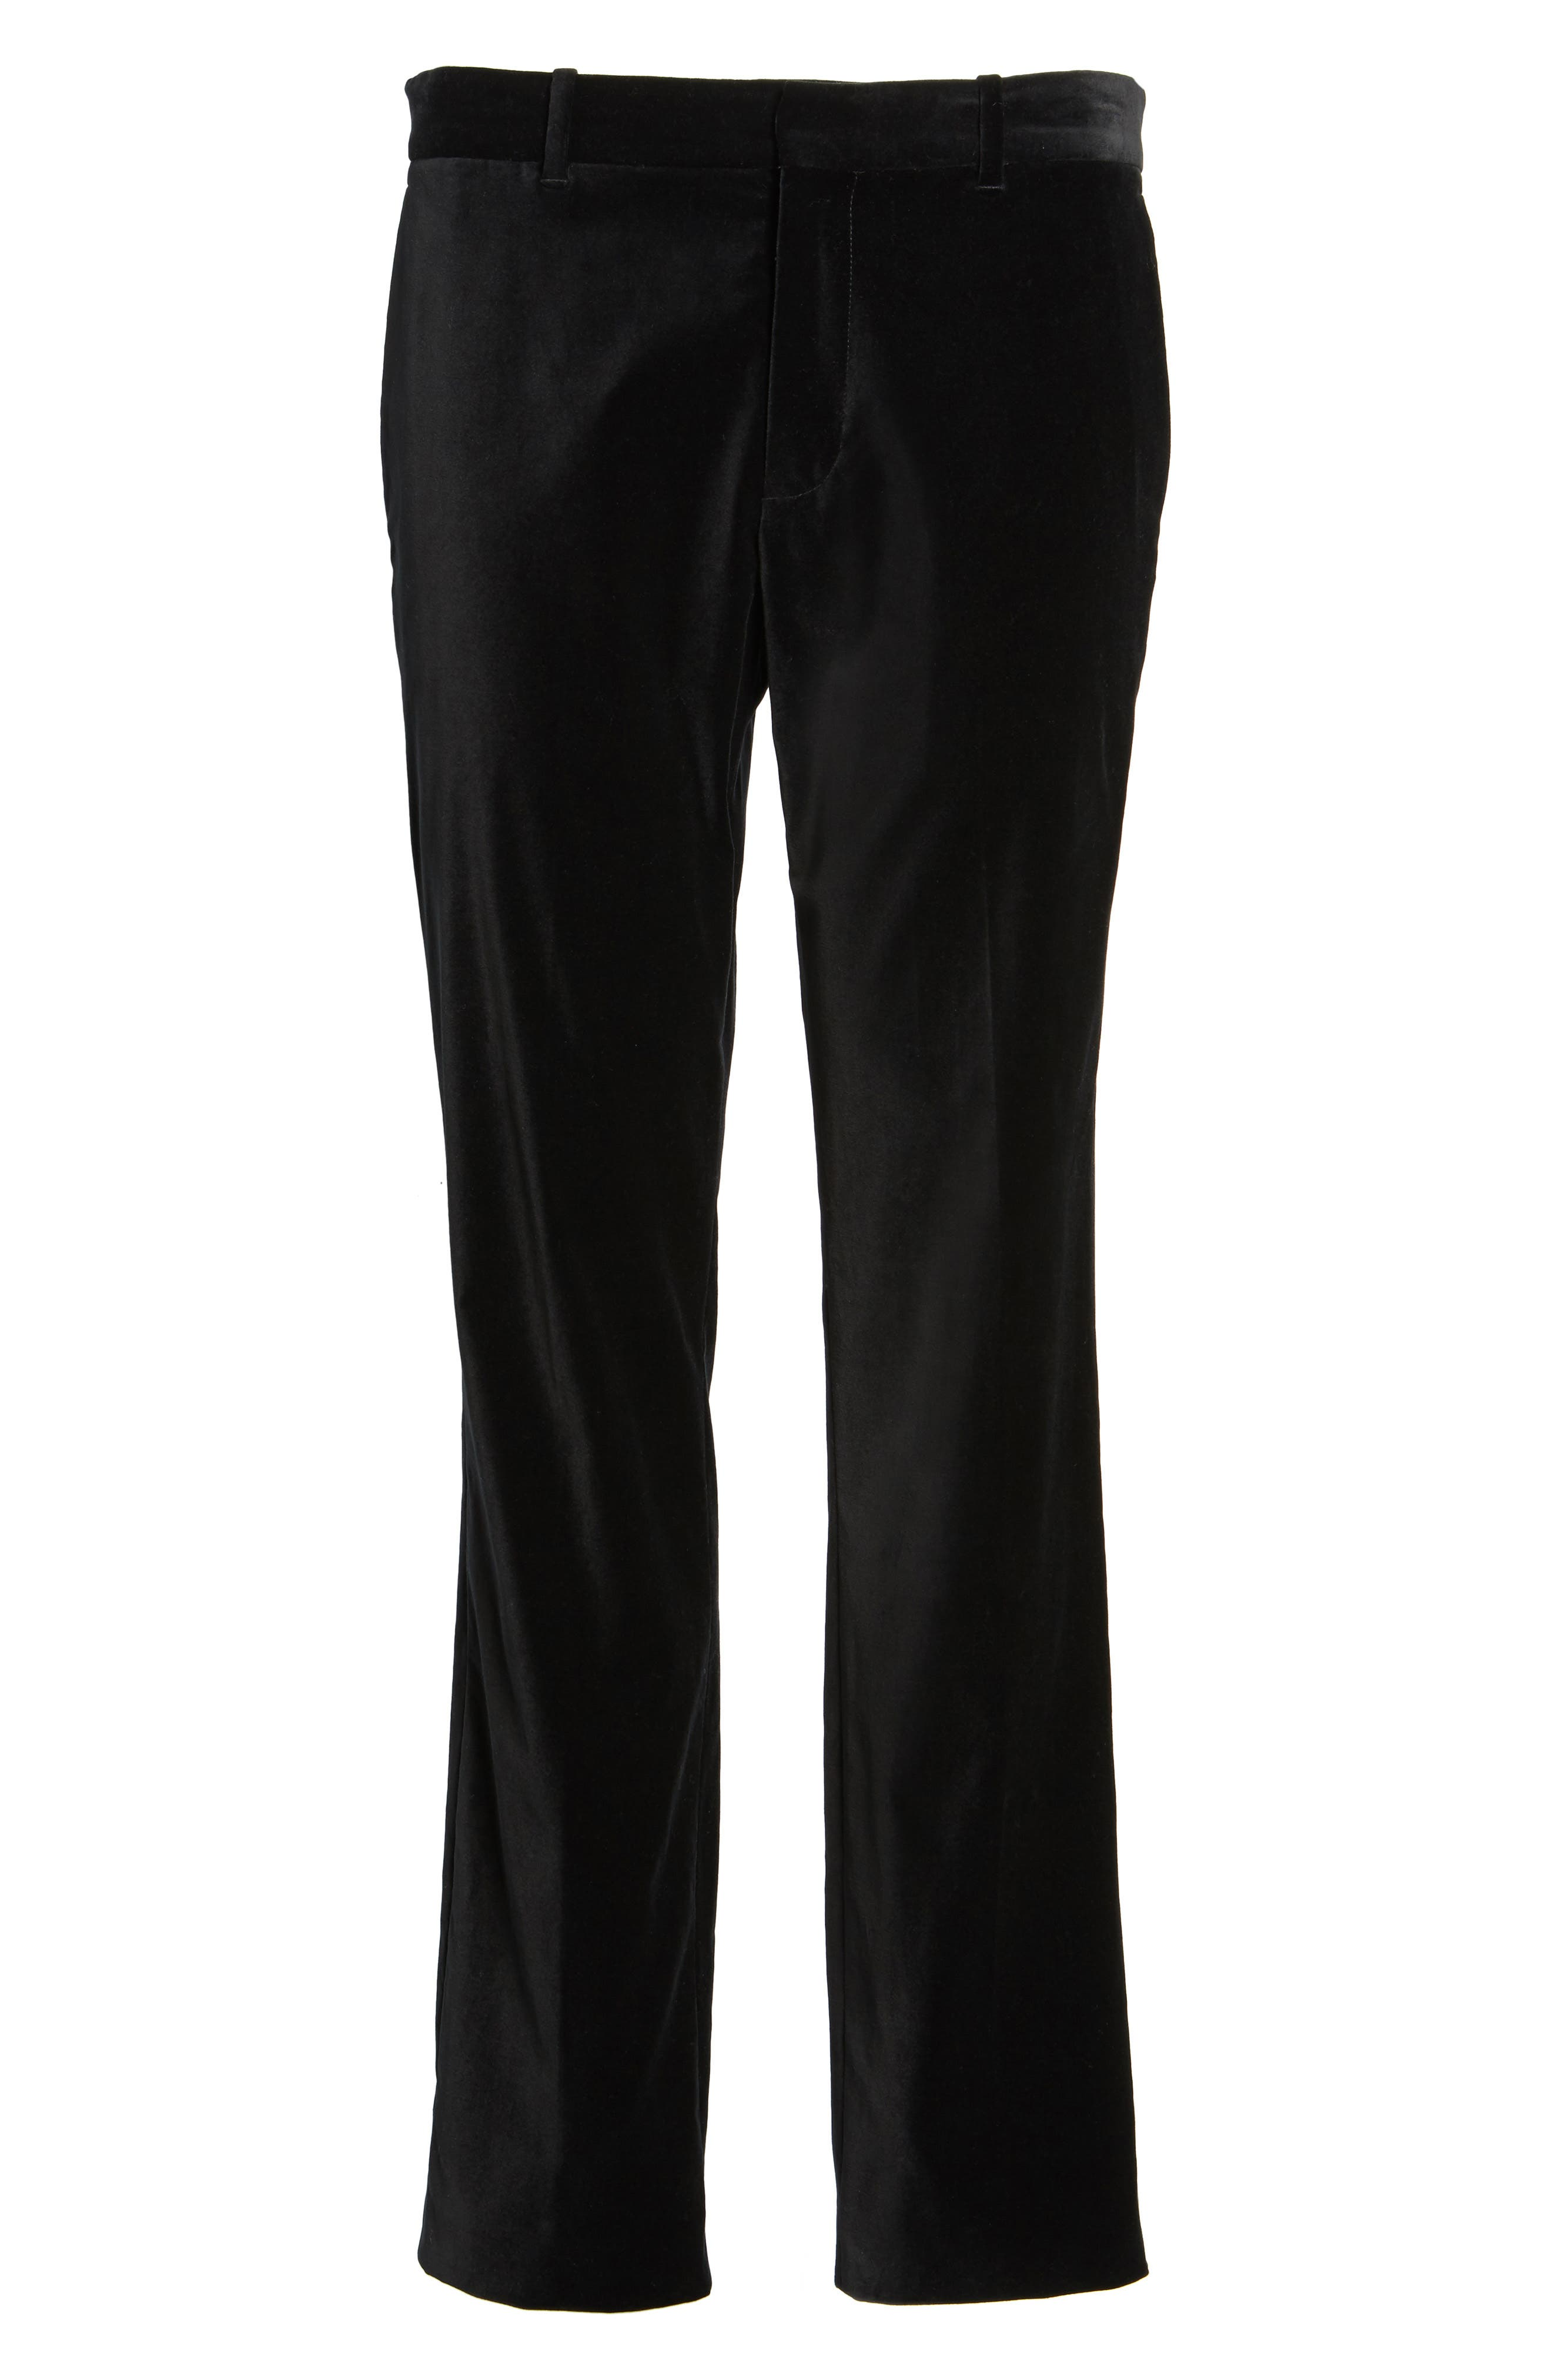 Velvet Trousers,                             Alternate thumbnail 5, color,                             Black